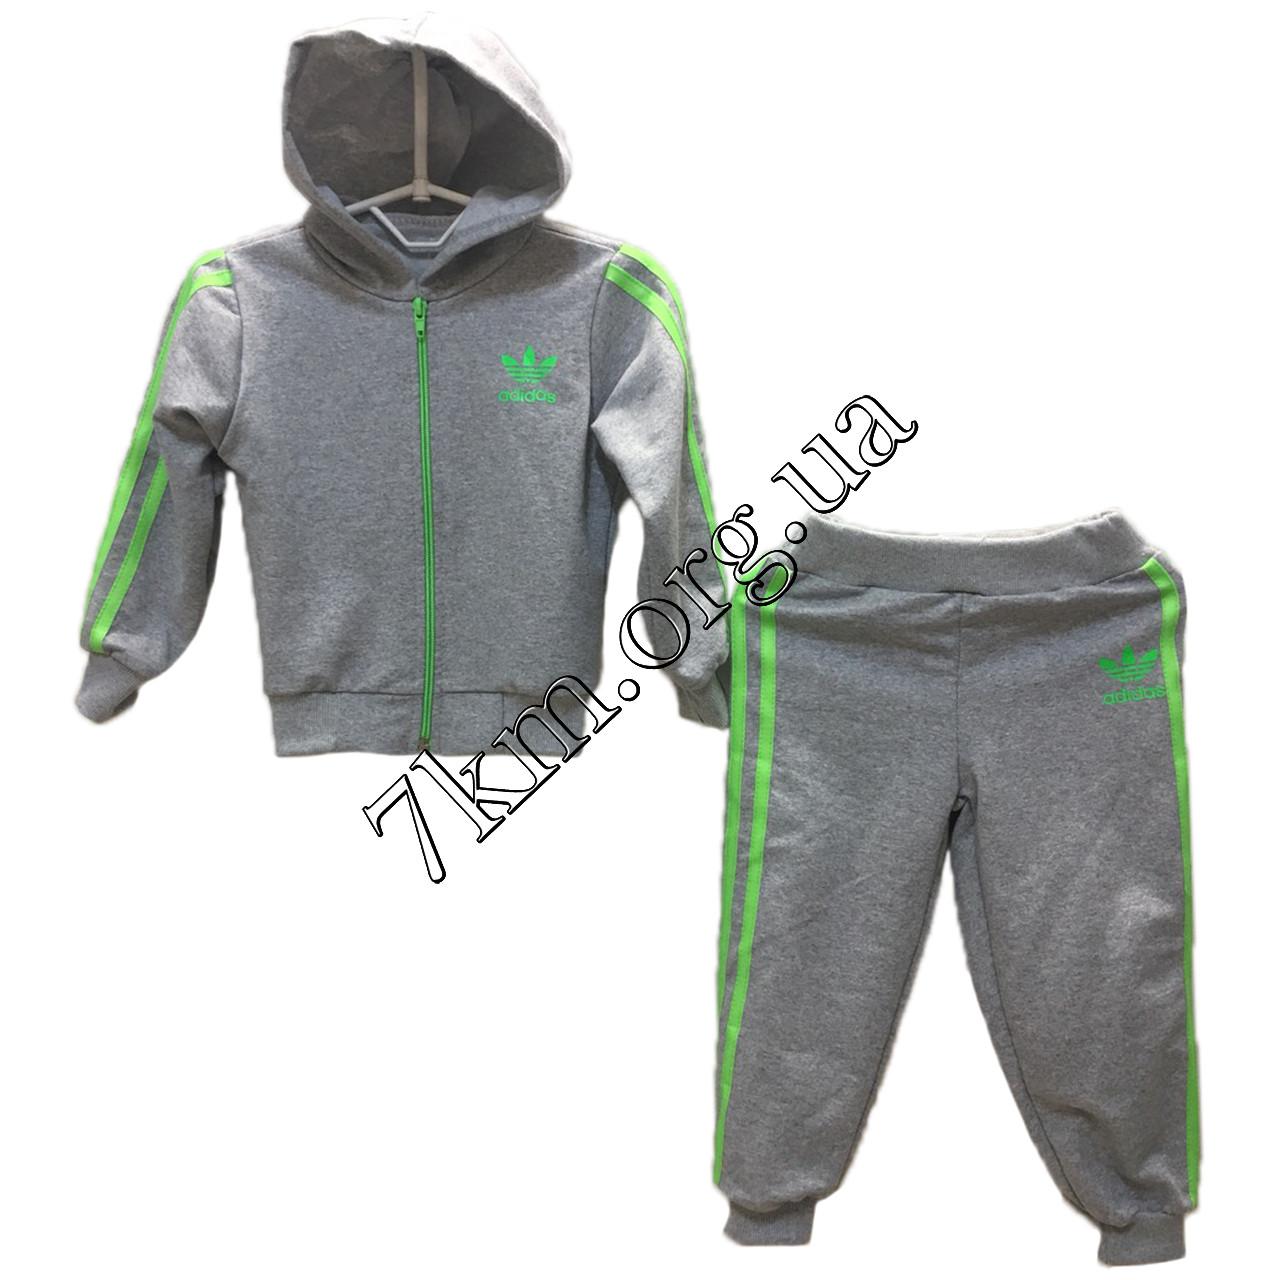 """Спортивный костюм детский реплика """"Adidas"""" для мальчиков 1-3 года Оптом 040304-8"""